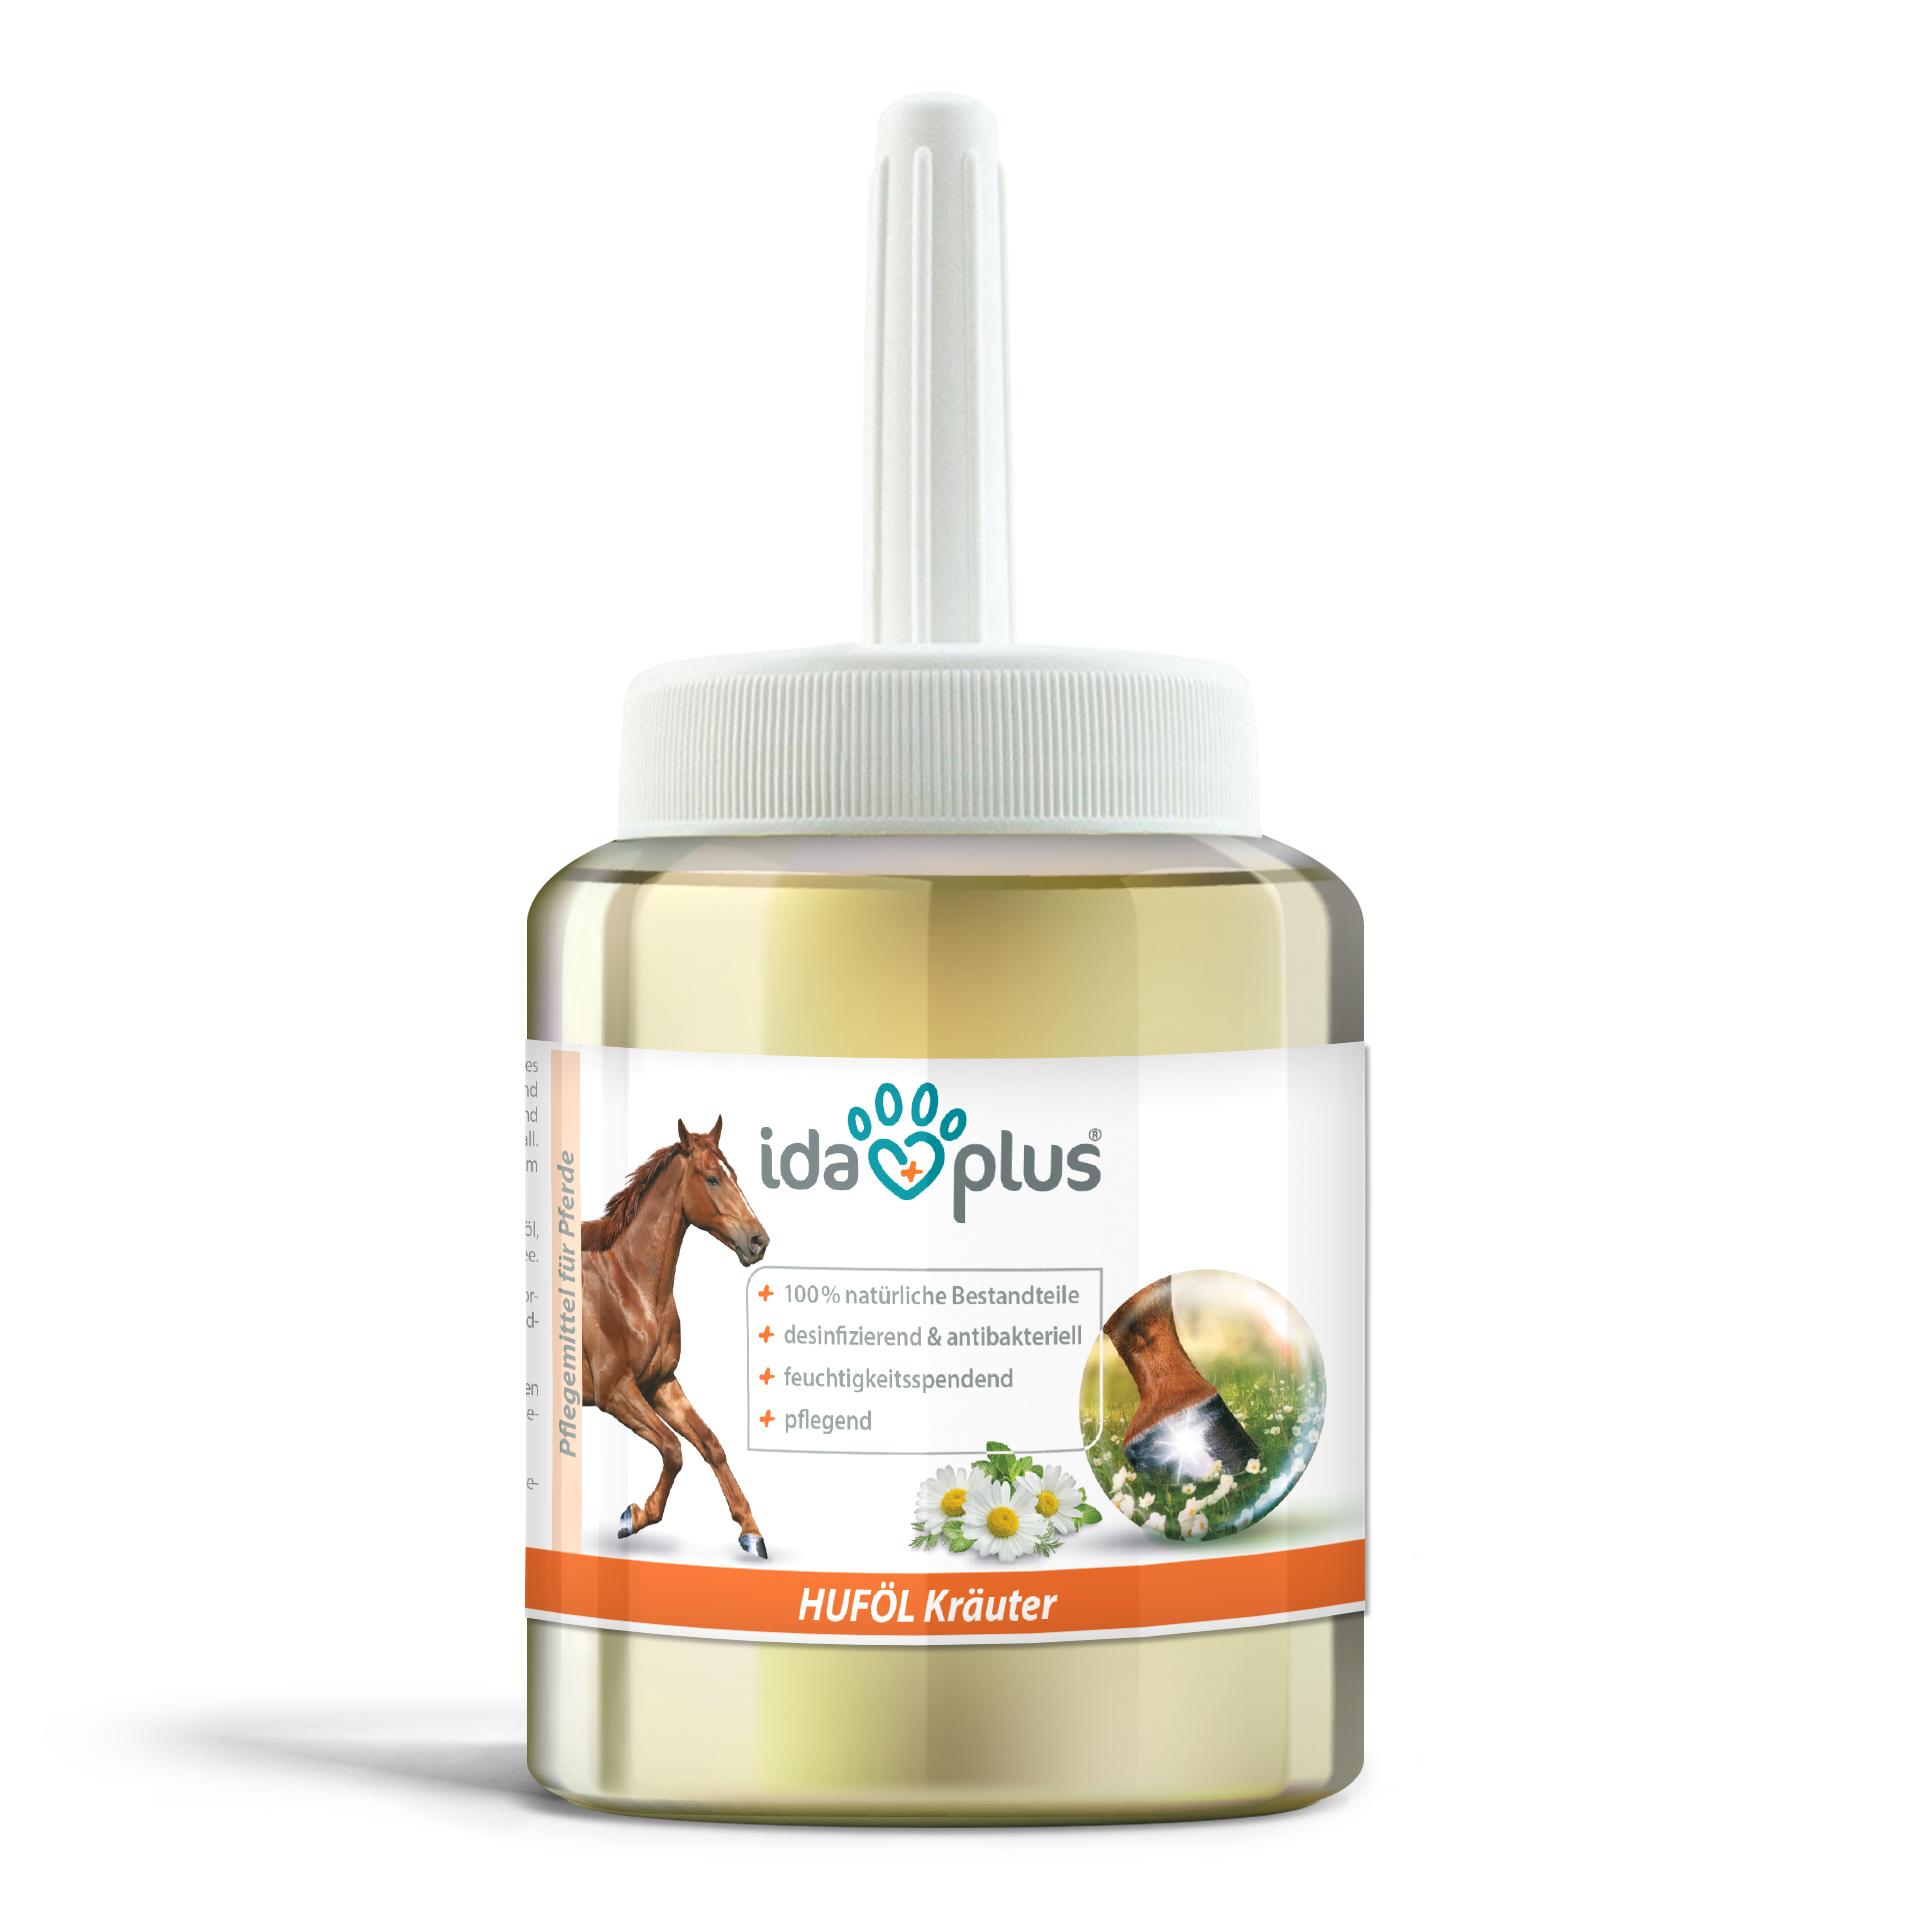 Kräuter Huföl mit Pinsel – Huf Pflege gegen trockene und brüchige Hufe - 500 ml